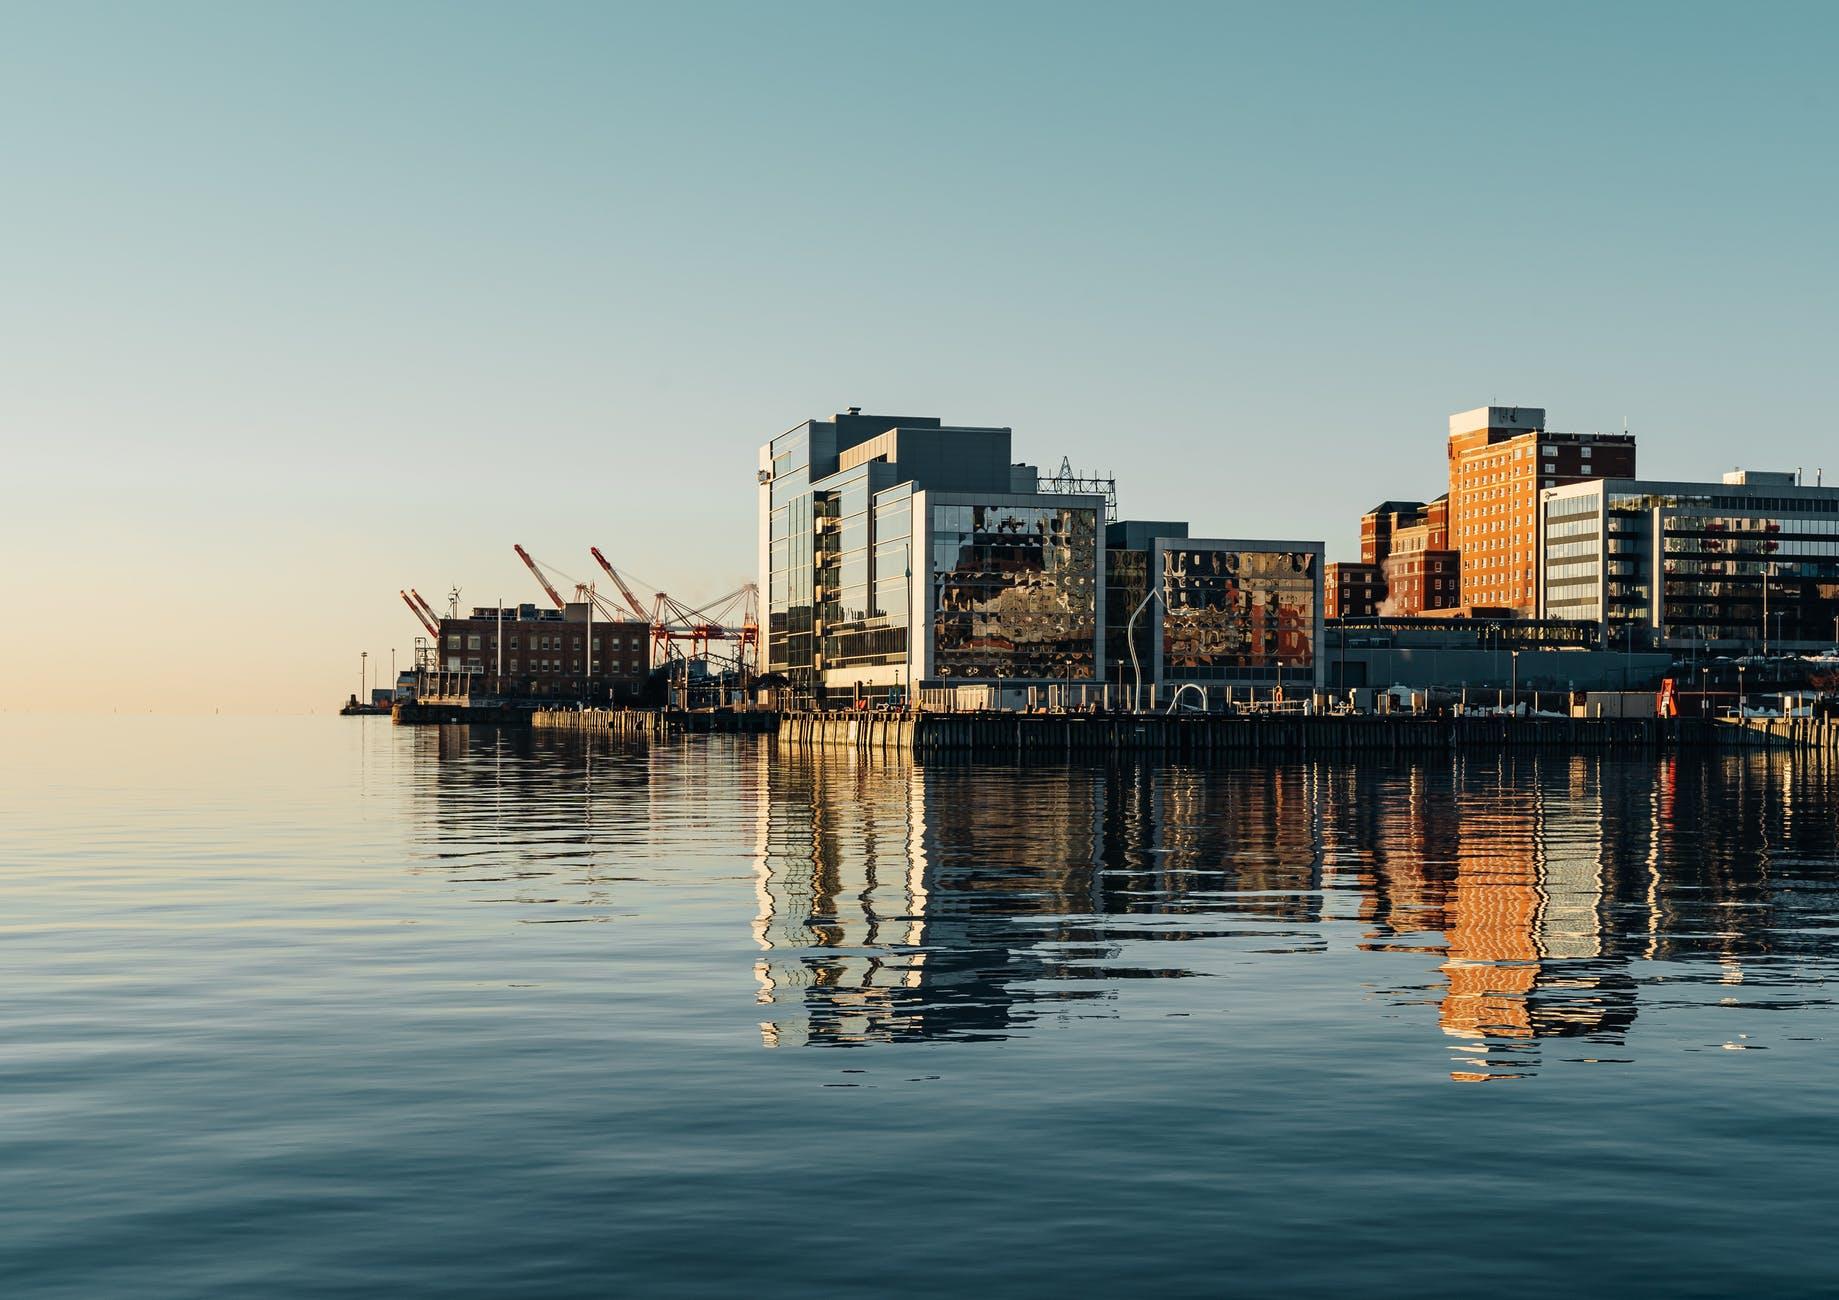 port on sea near buildings in city